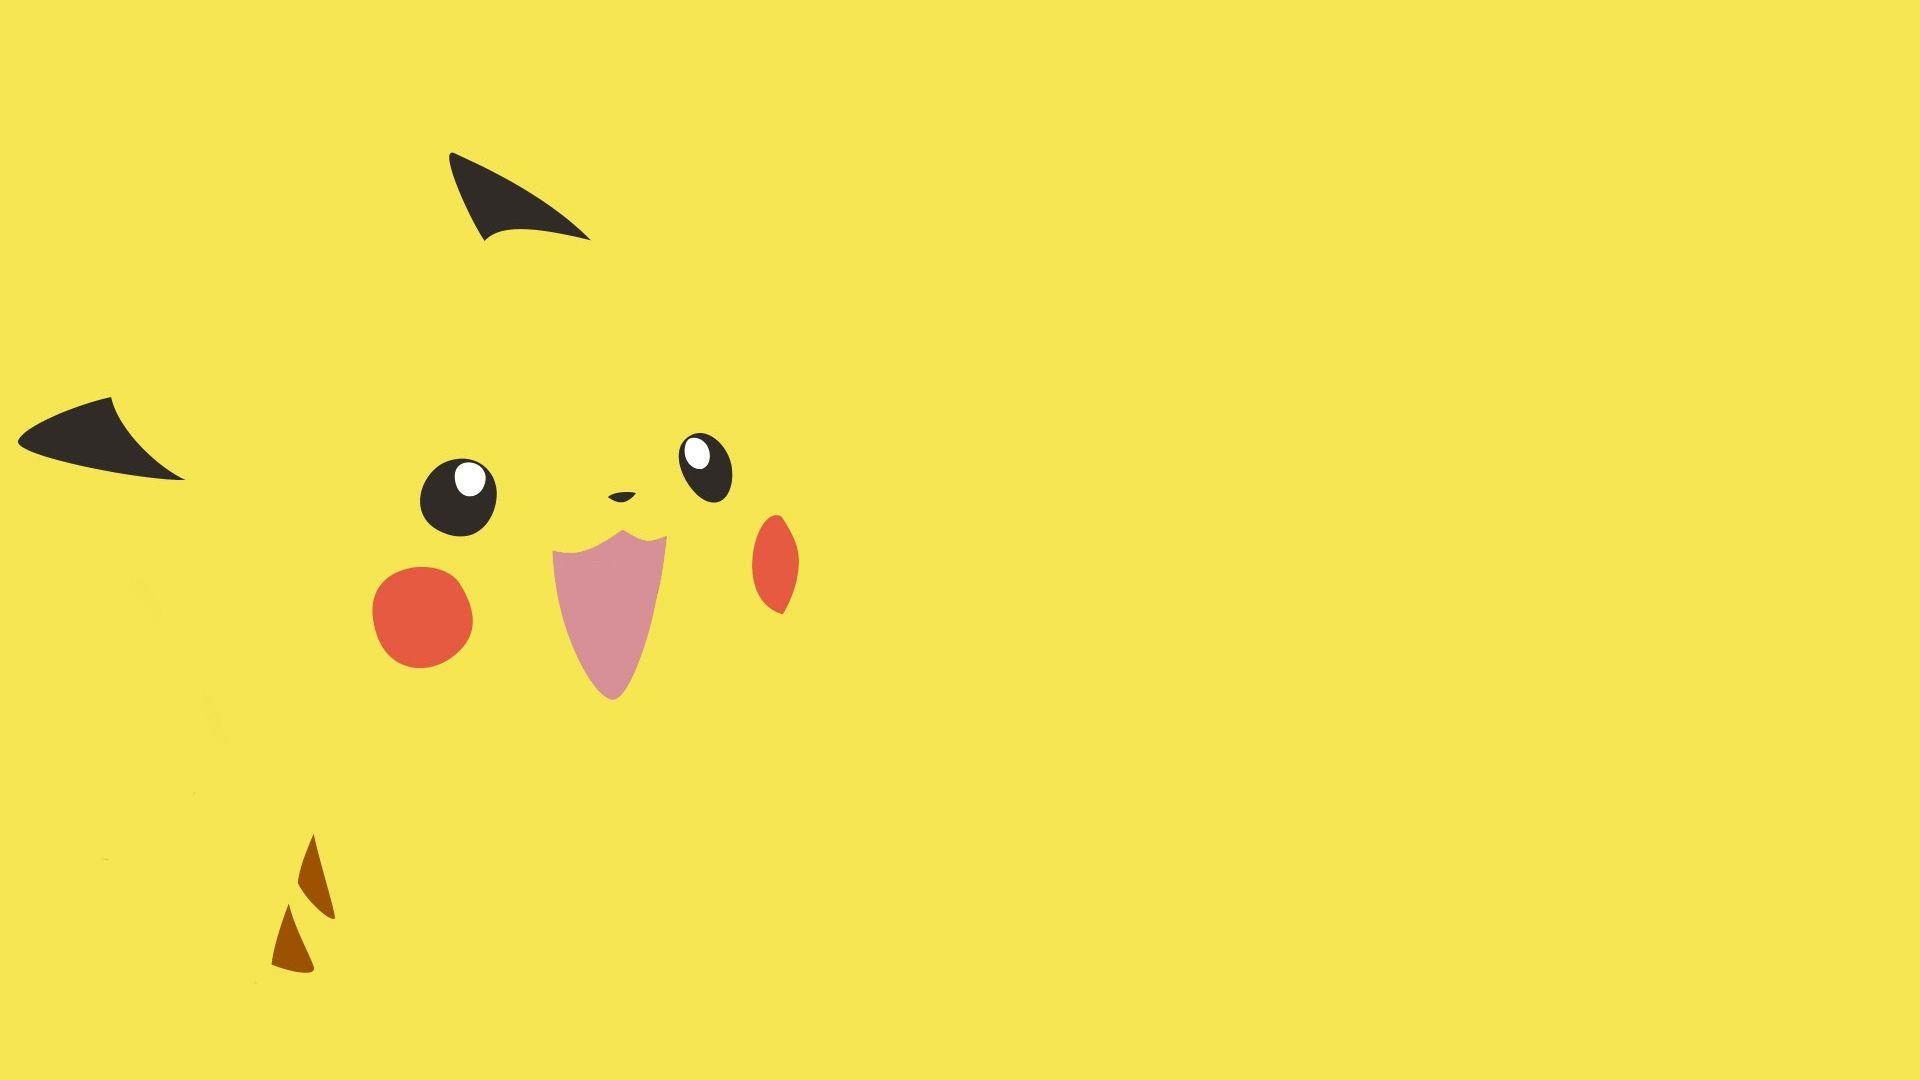 1920x1080 pikachu Wallpaper 1920x1080 Hot HD Wallpaper 1920x1080